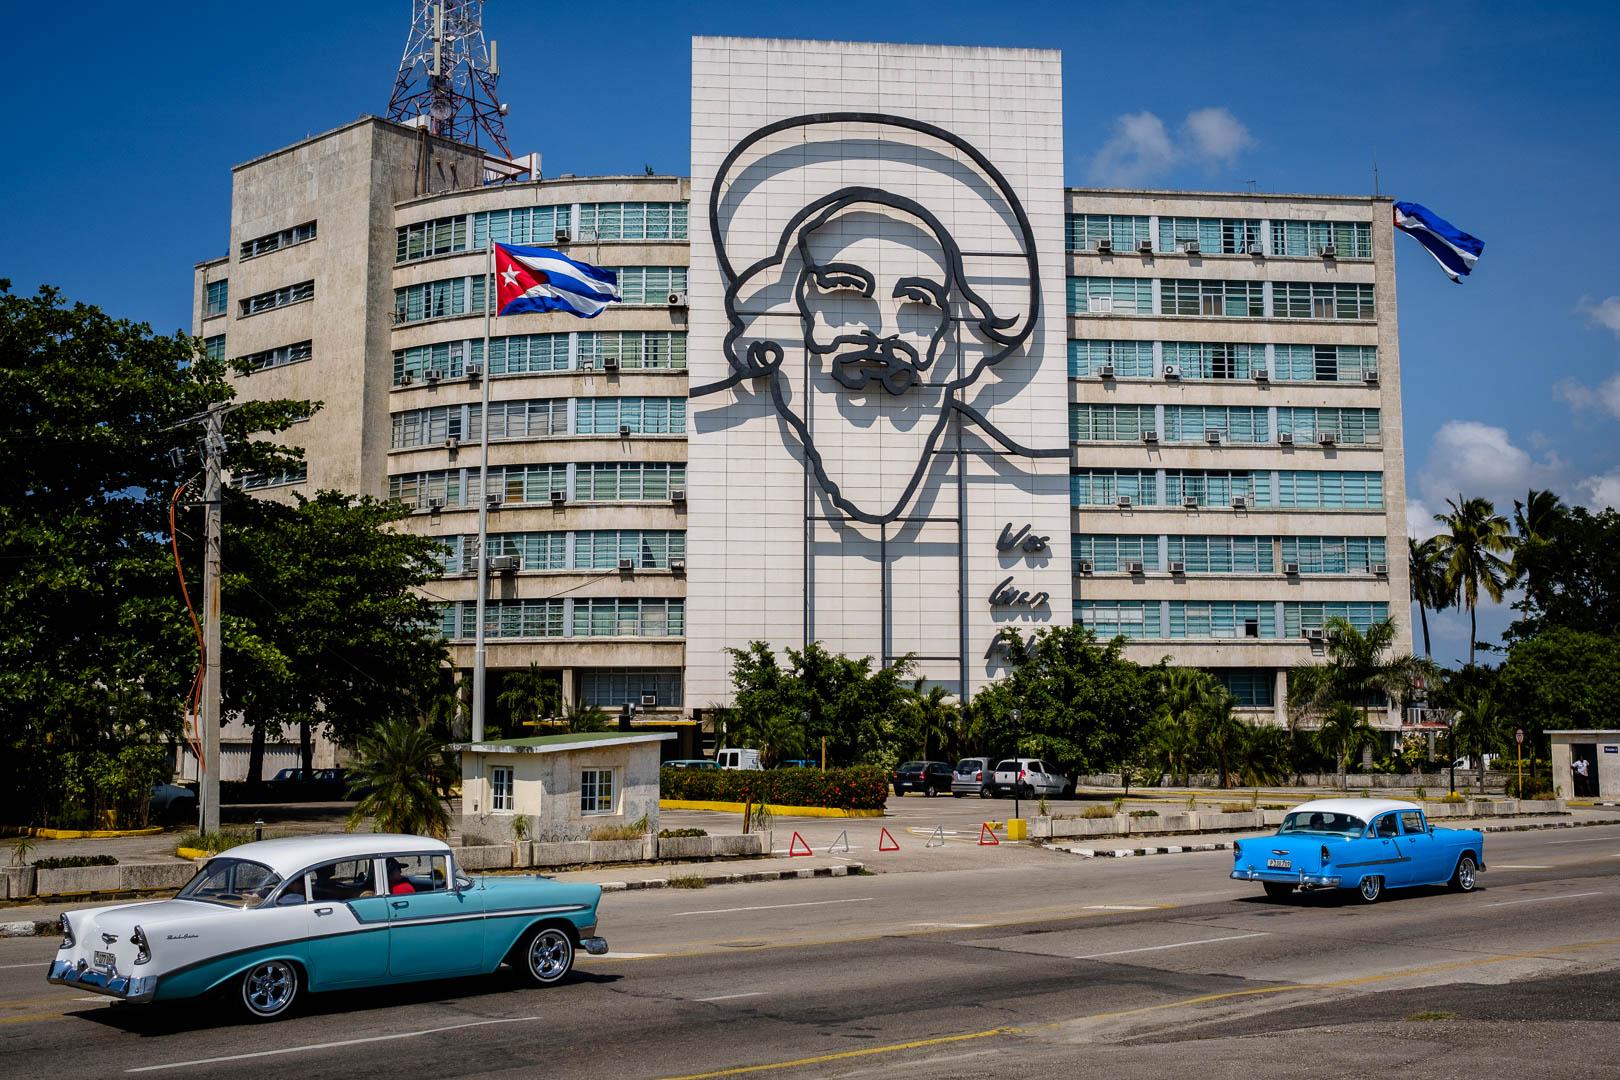 180430-Havana-60-1080.jpg